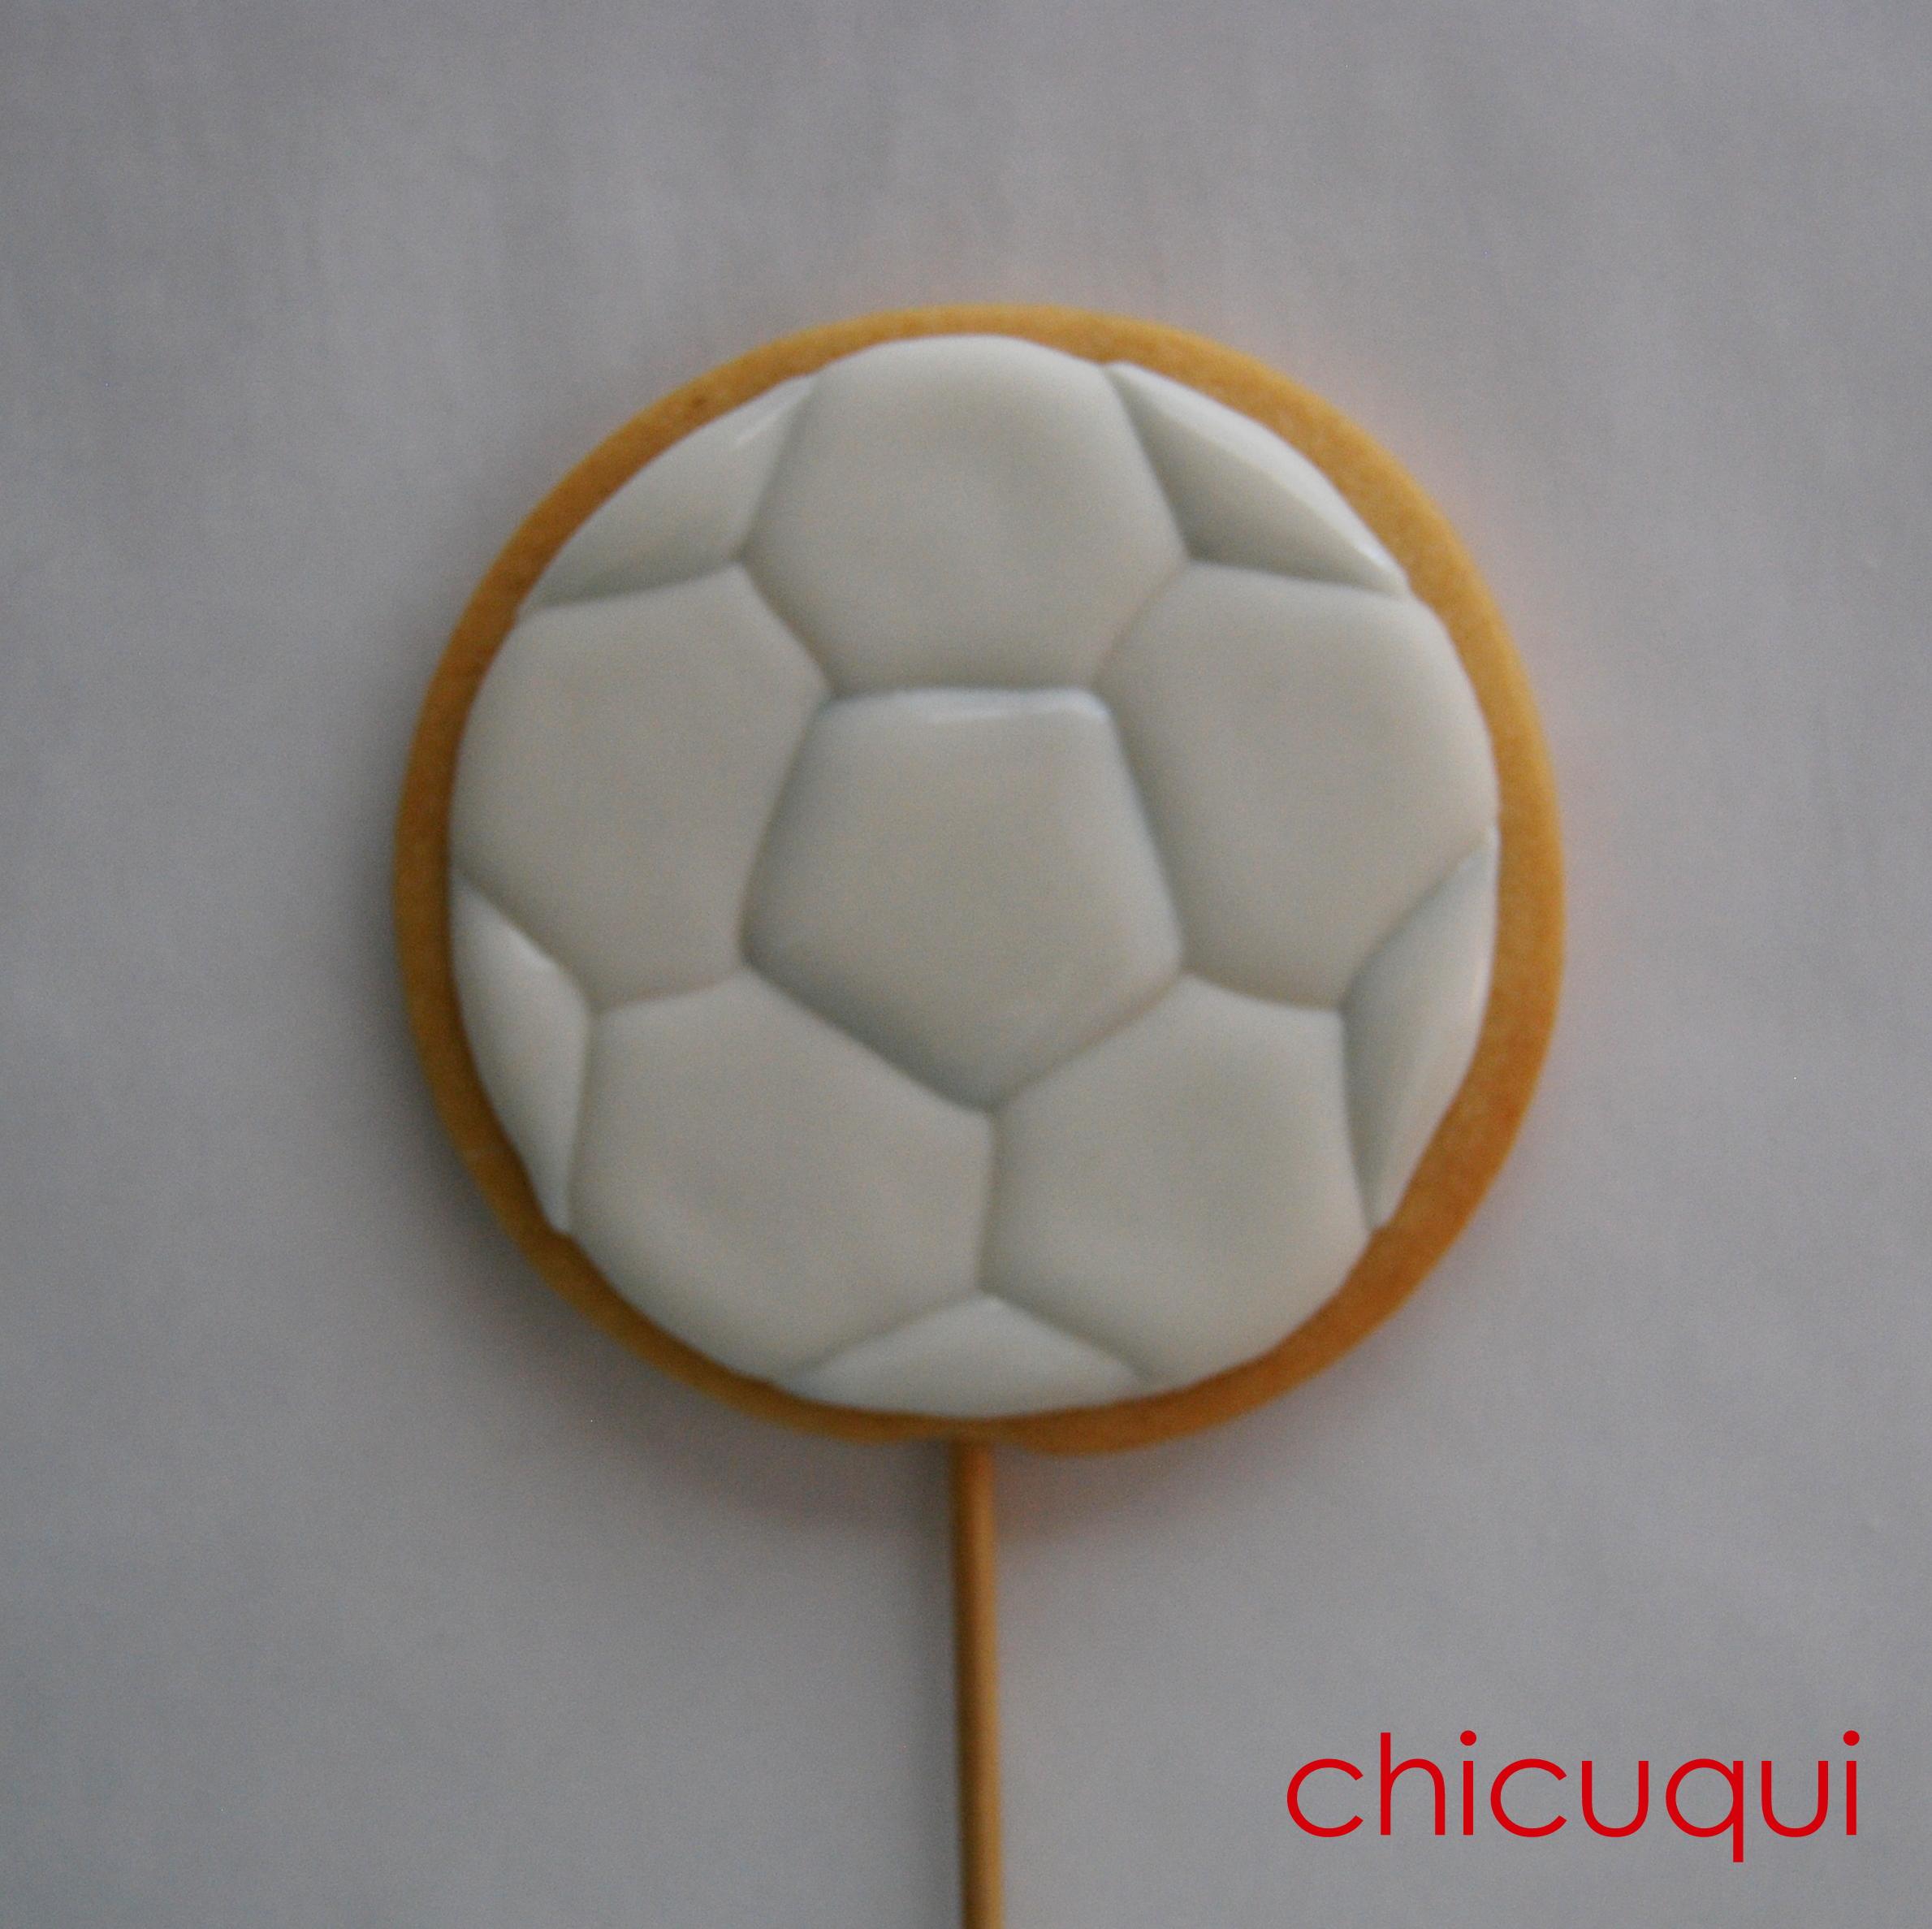 Un baln de futbol en galletas decoradas  chicuqui